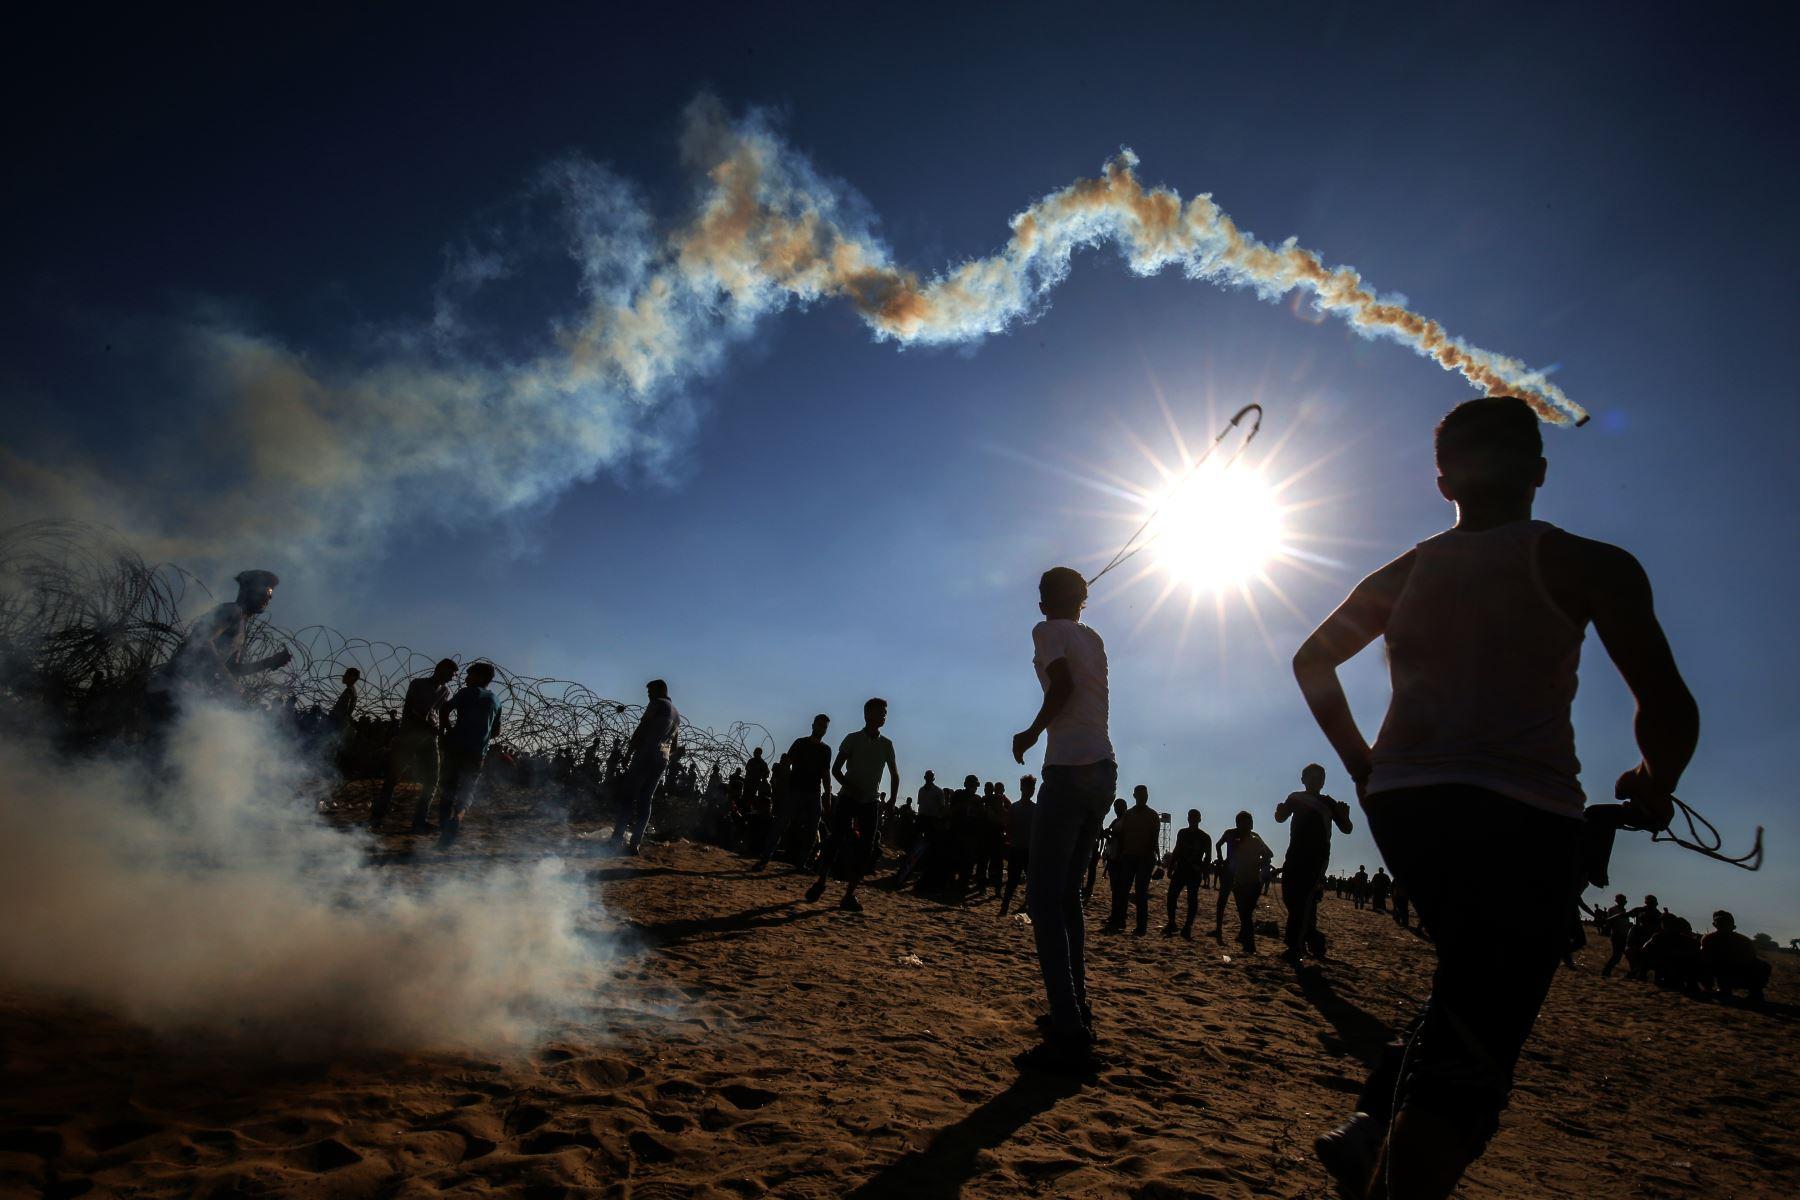 Los jóvenes palestinos usan hondas para lanzar rocas a las tropas israelíes durante los enfrentamientos entre manifestantes palestinos y fuerzas israelíes a través de la cerca de alambre de púas después de una manifestación fronteriza cerca de Rafah en el sur de la Franja de Gaza. AFP